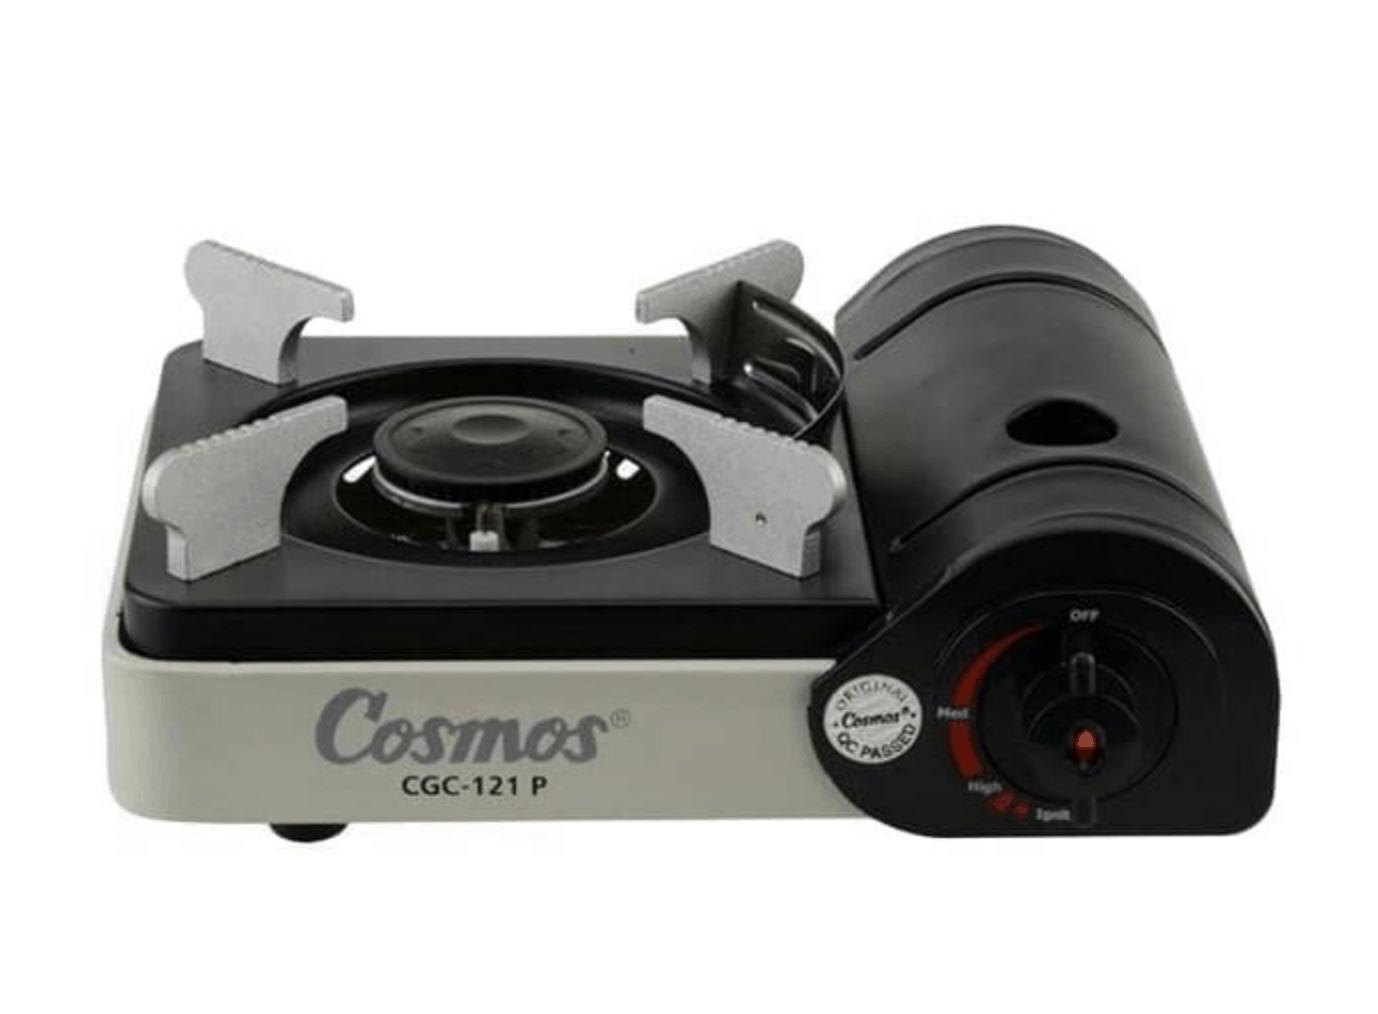 Gambar Kompor Portable Terbaik Cosmos CGC-121 P